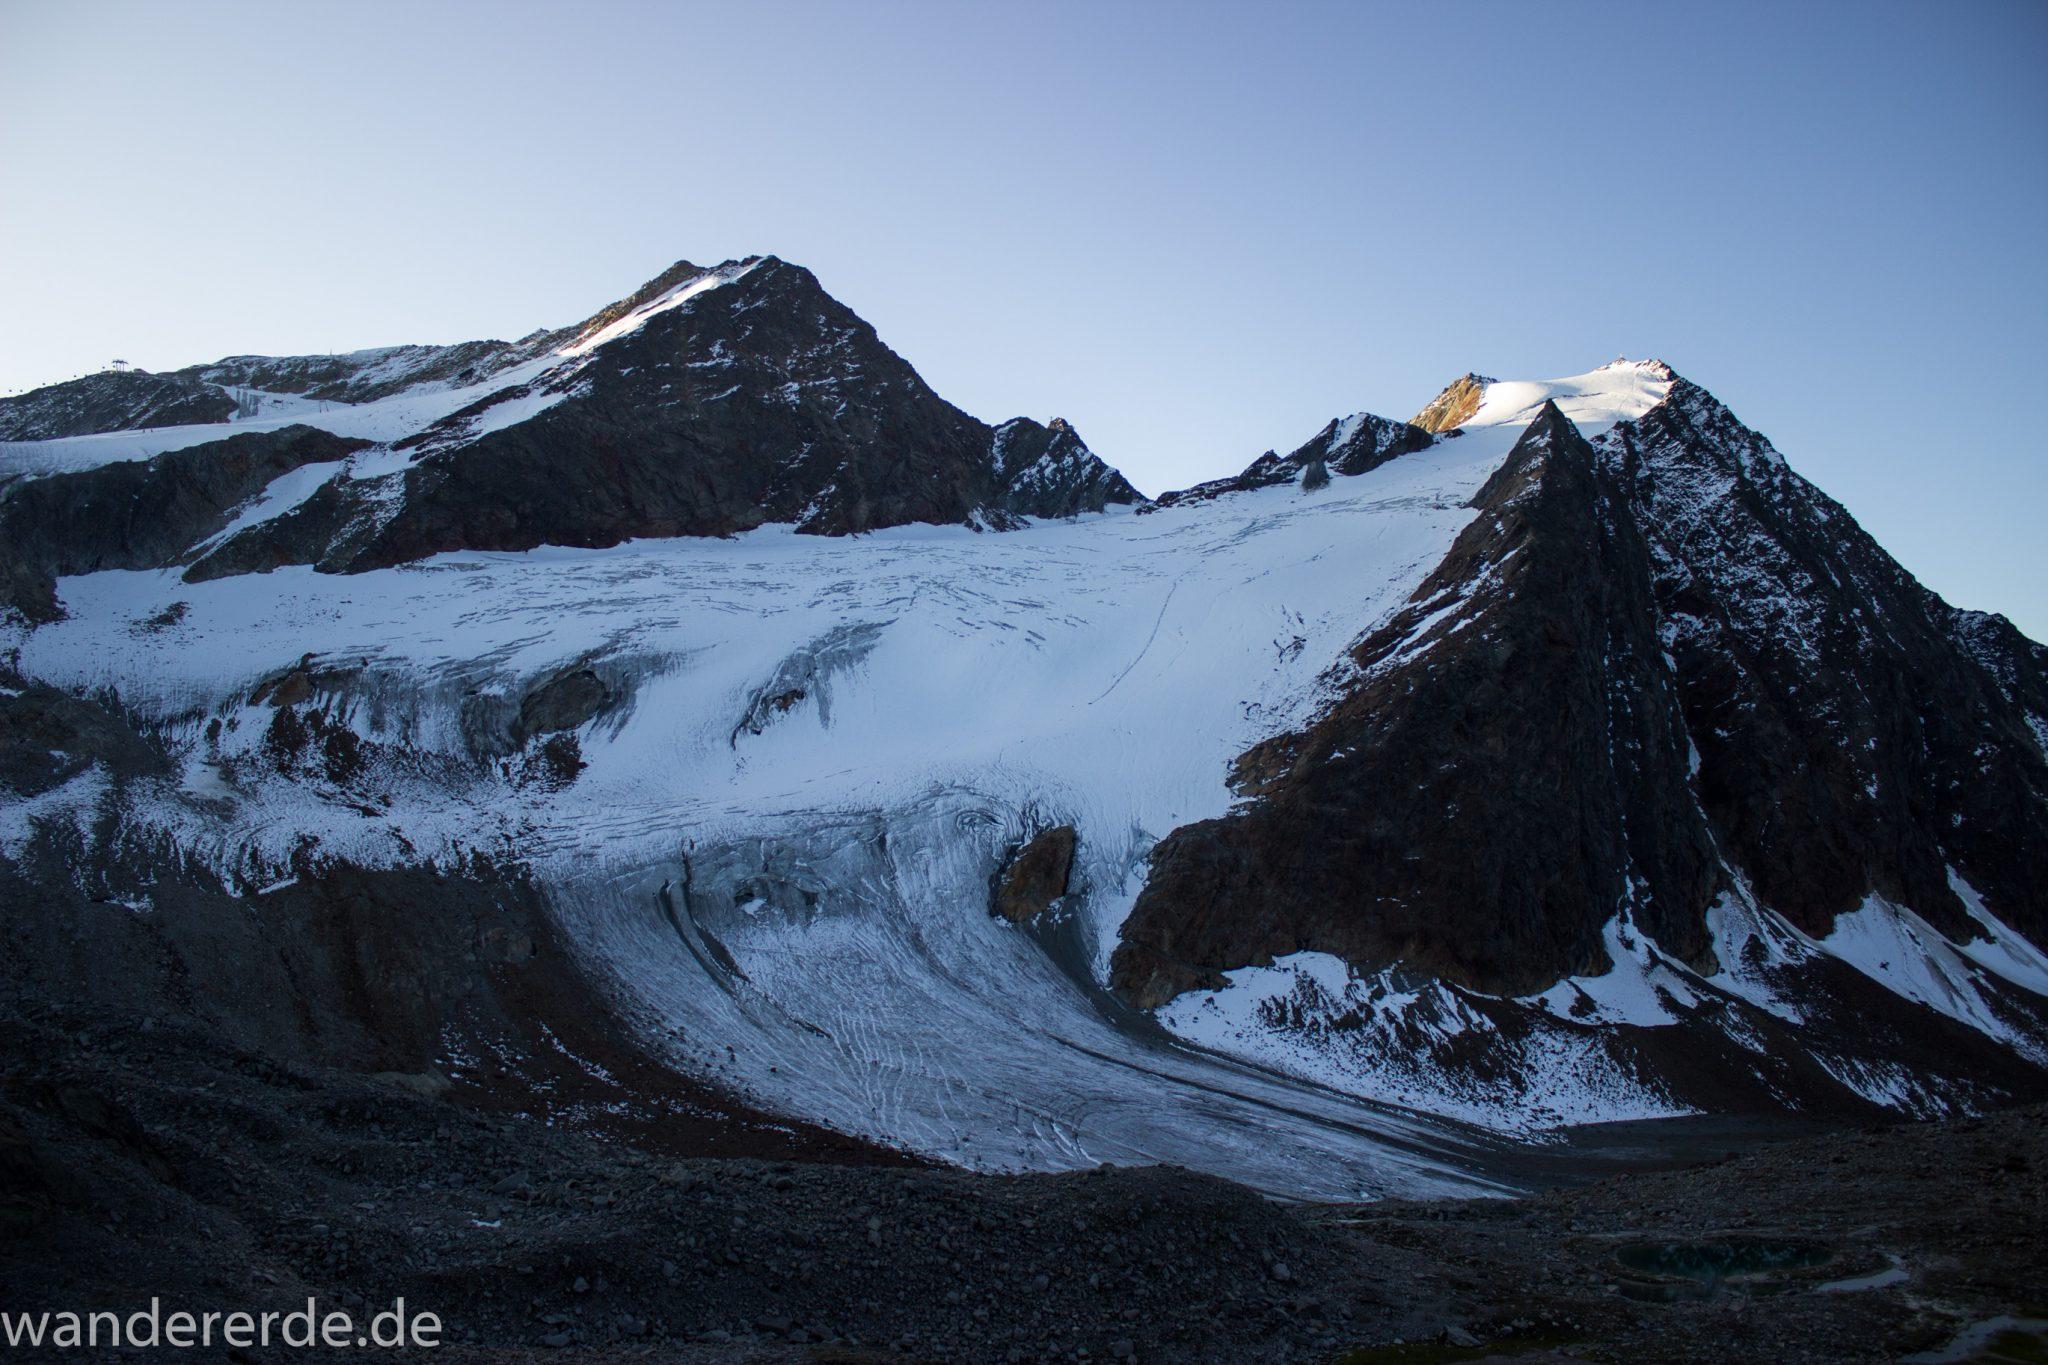 Alpenüberquerung Fernwanderweg E5 Oberstdorf Meran, 5. Etappe von Braunschweiger Hütte zur Martin-Busch-Hütte, zu Beginn der 5. Etappe steiler und schmaler Wanderweg mit viel Geröll hinauf zum Pitztaler Jöchl, beeindruckende Berge türmen sich vor einem auf, teils große Schneefelder in der Nähe der Gipfel